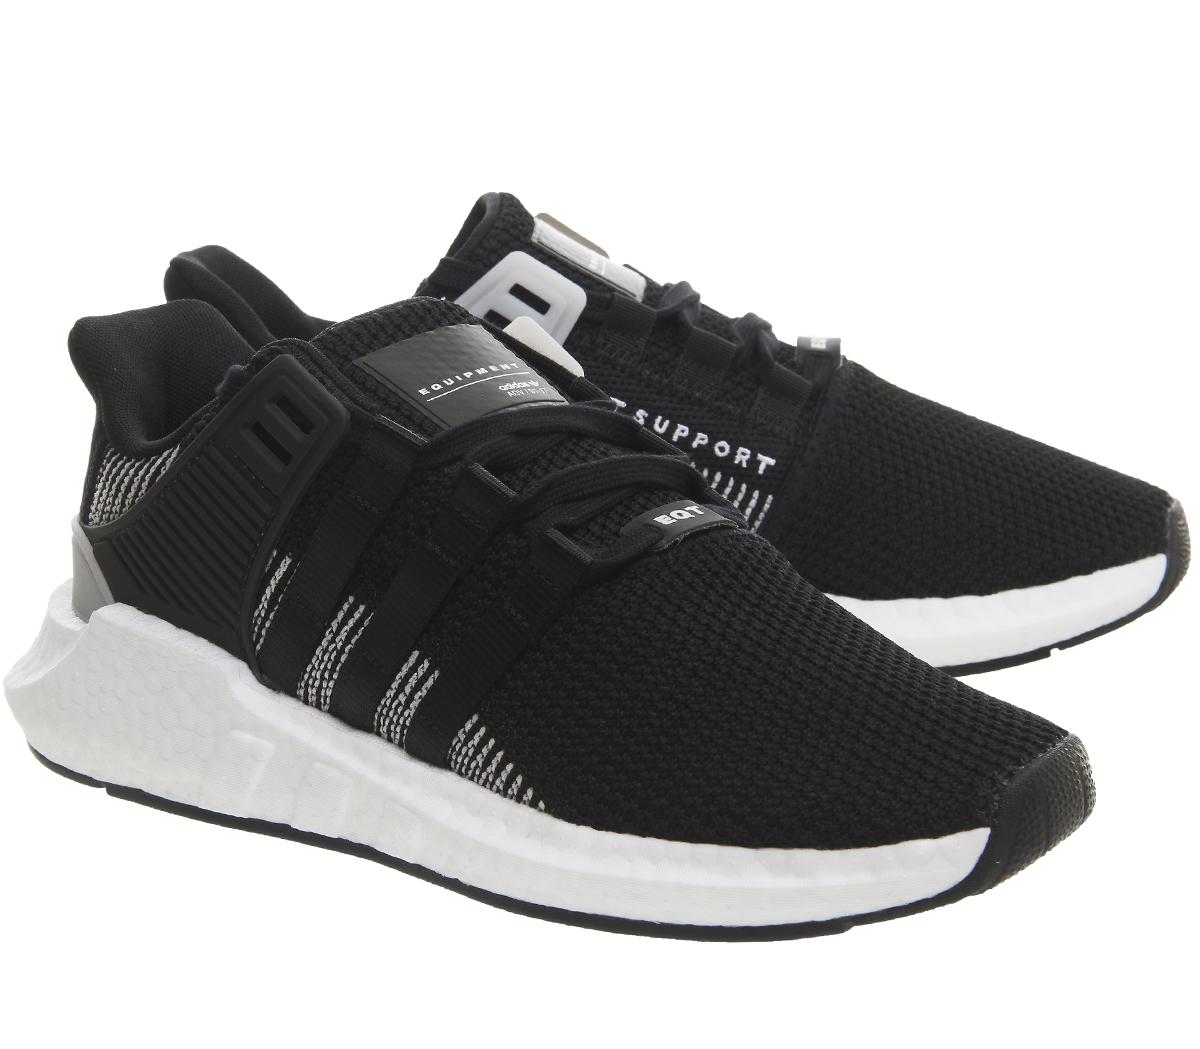 sports shoes 8dcad d073f SENTINELLE Adidas Eqt Support 93 17 CORE formateurs blanc noir chaussures